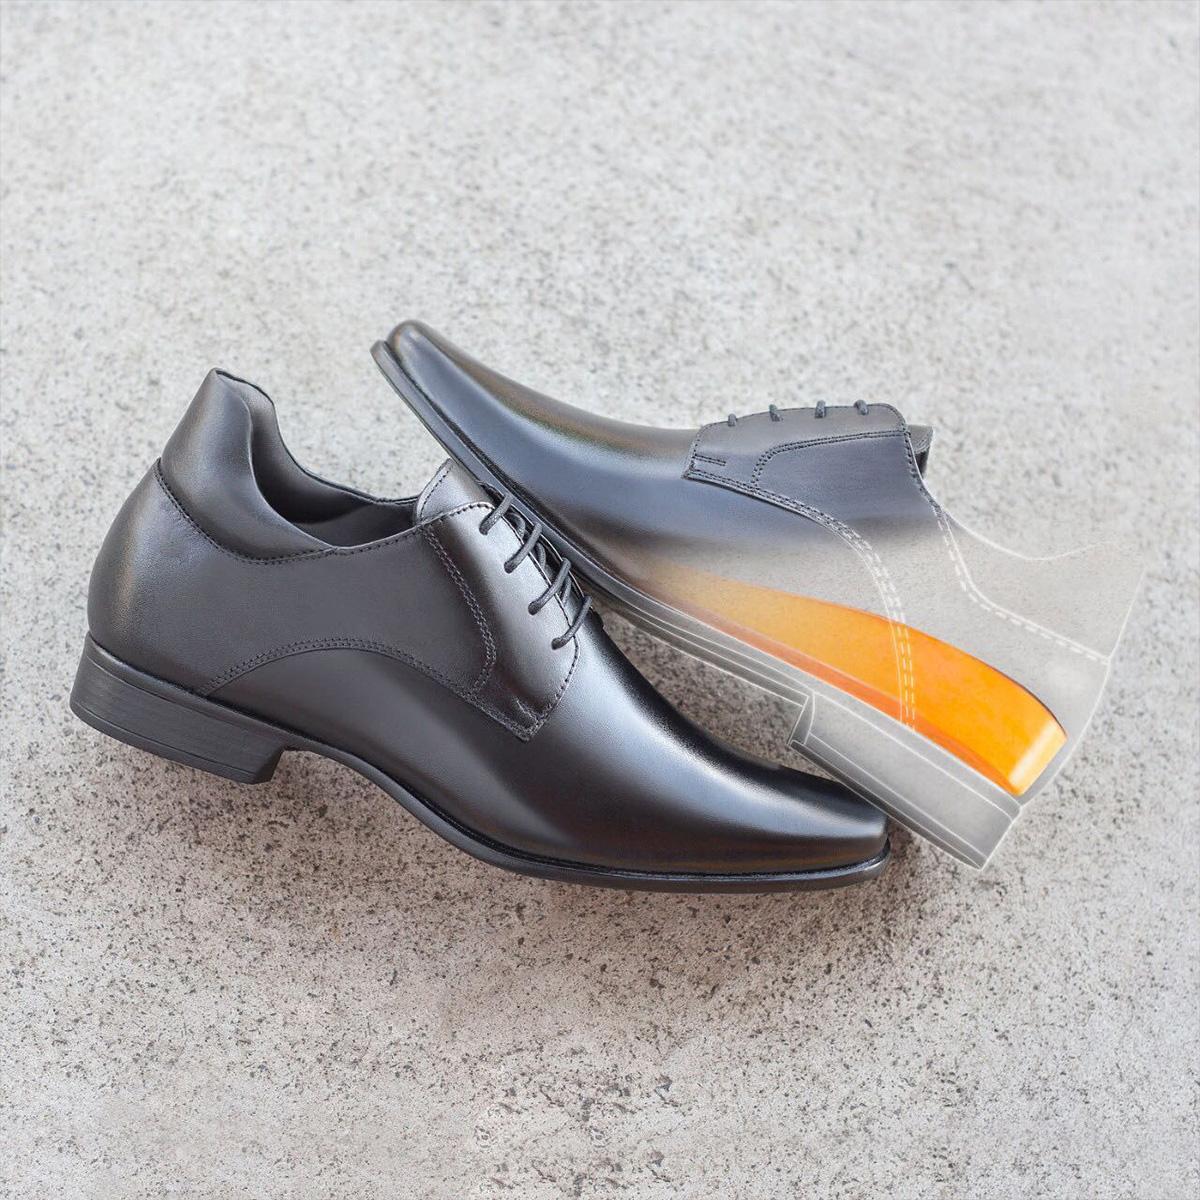 Zapato Formal British Vino Max Denegri +7cms de Altura_78273